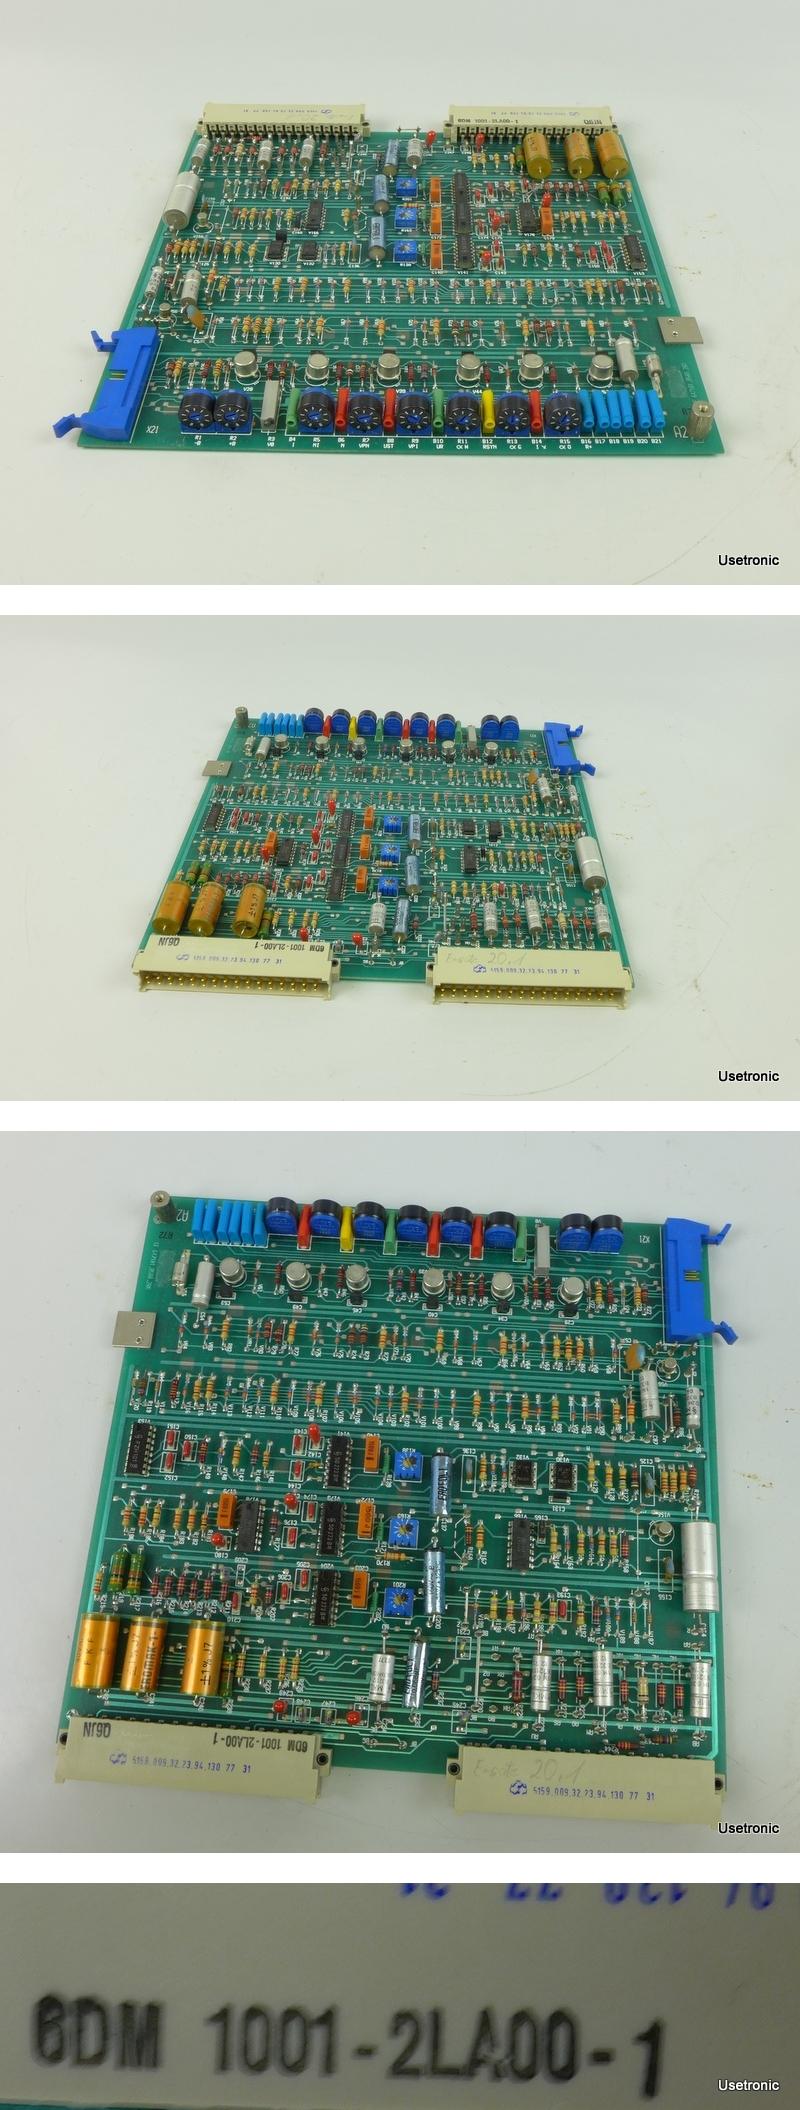 Siemens 6DM1001-2LA00-1